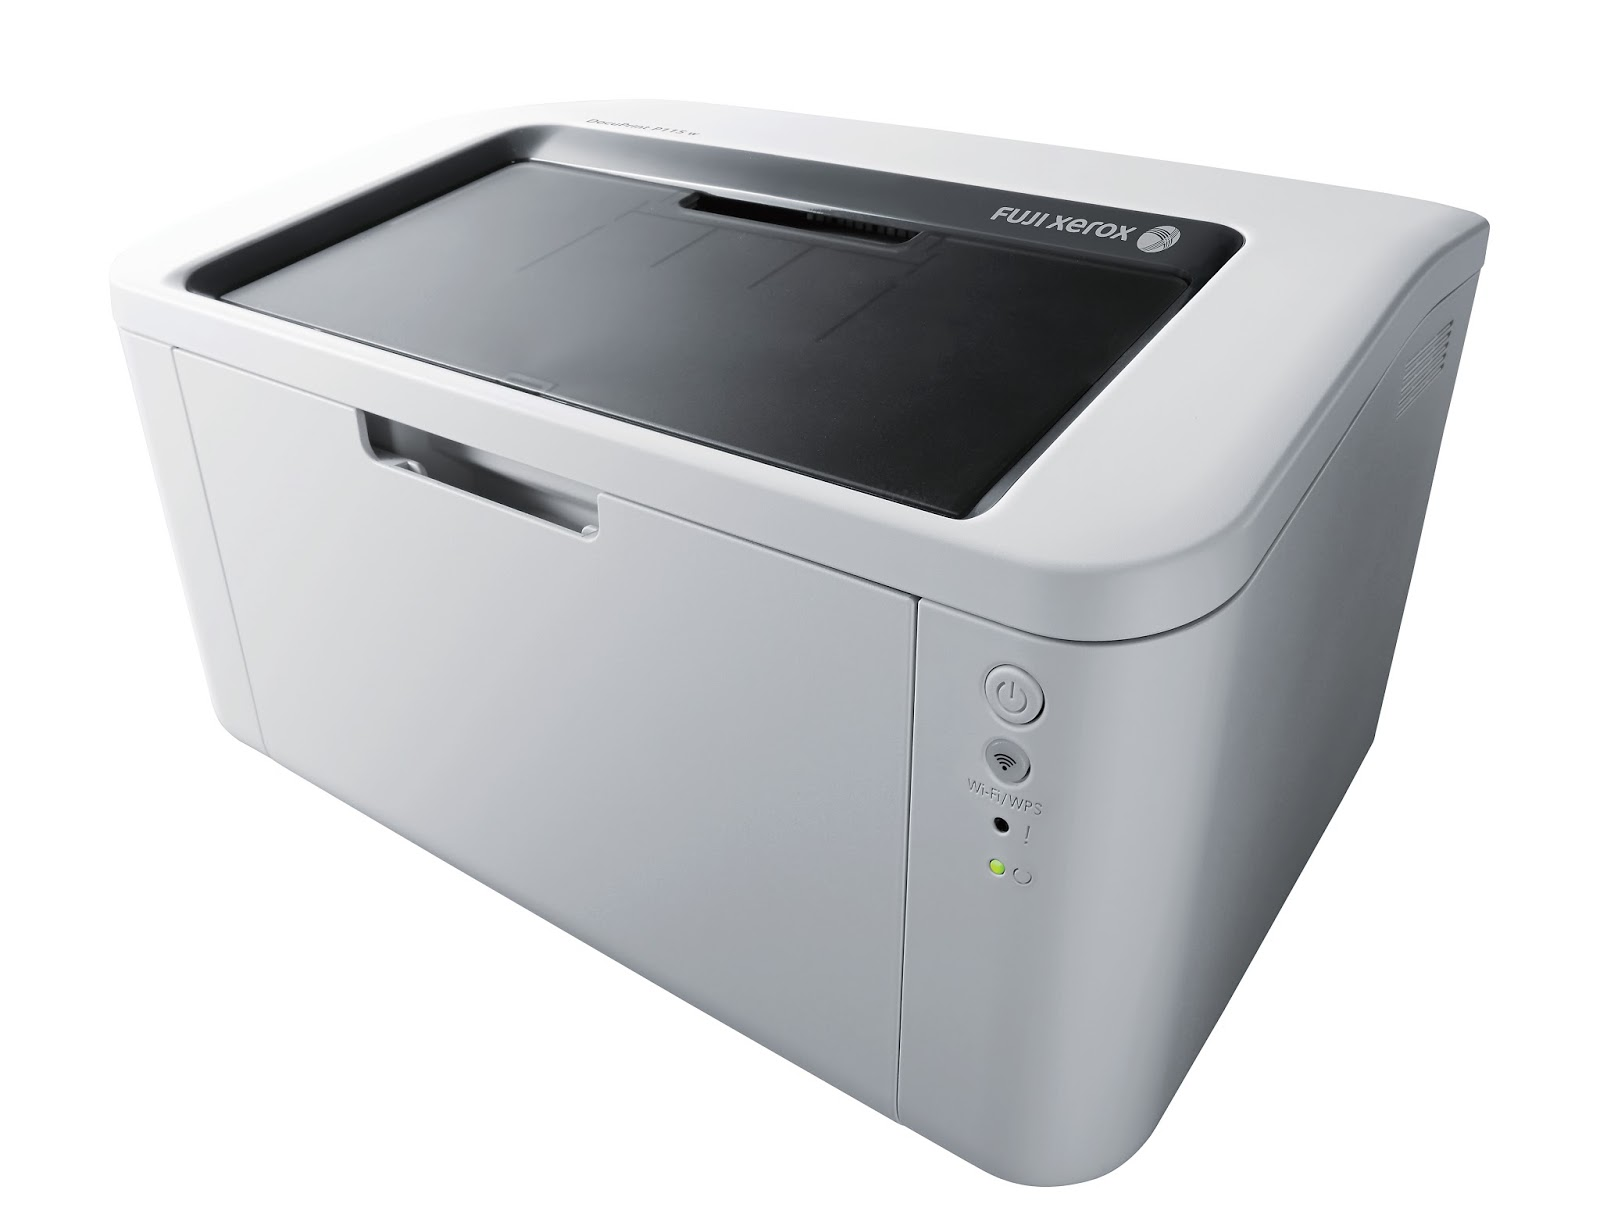 Printer Laser Dibawah 1 Jutaan Dan Bisa Di Refill